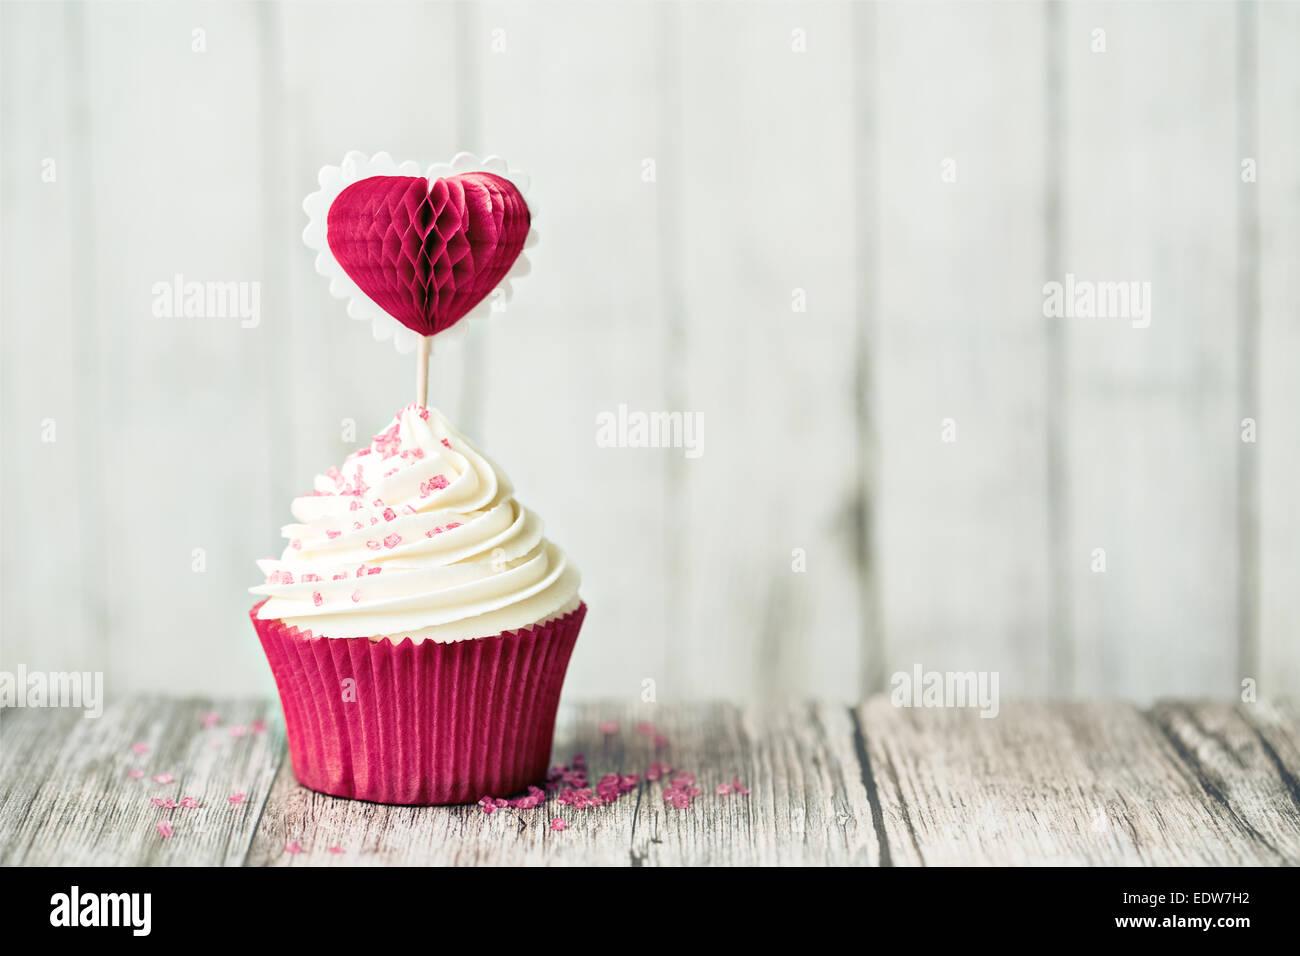 Cupcake décoré avec une sélection de gâteaux en forme de coeur Photo Stock